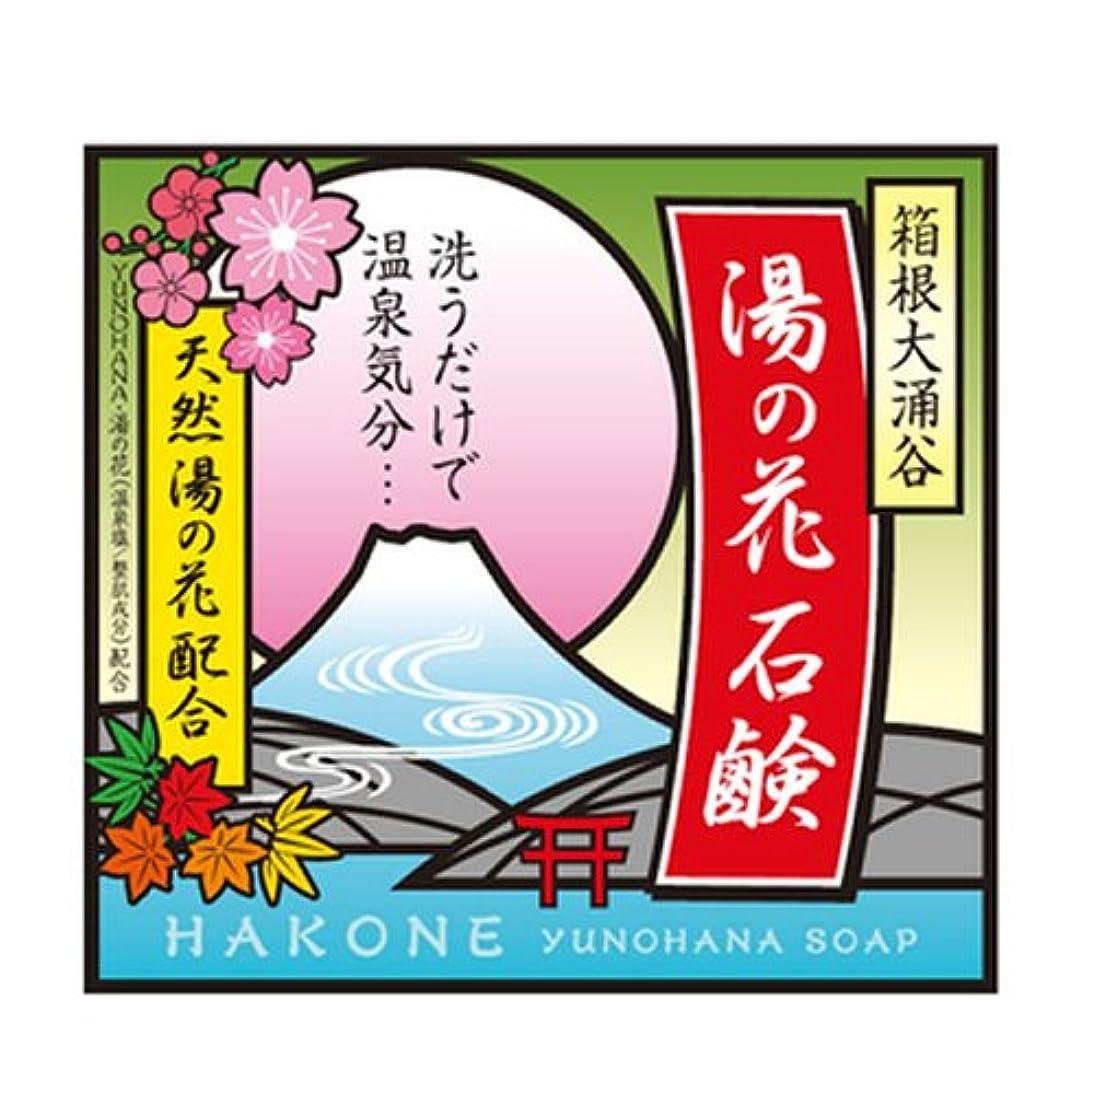 クッションバスルームはっきりしない箱根大涌谷 湯の花石鹸 90g